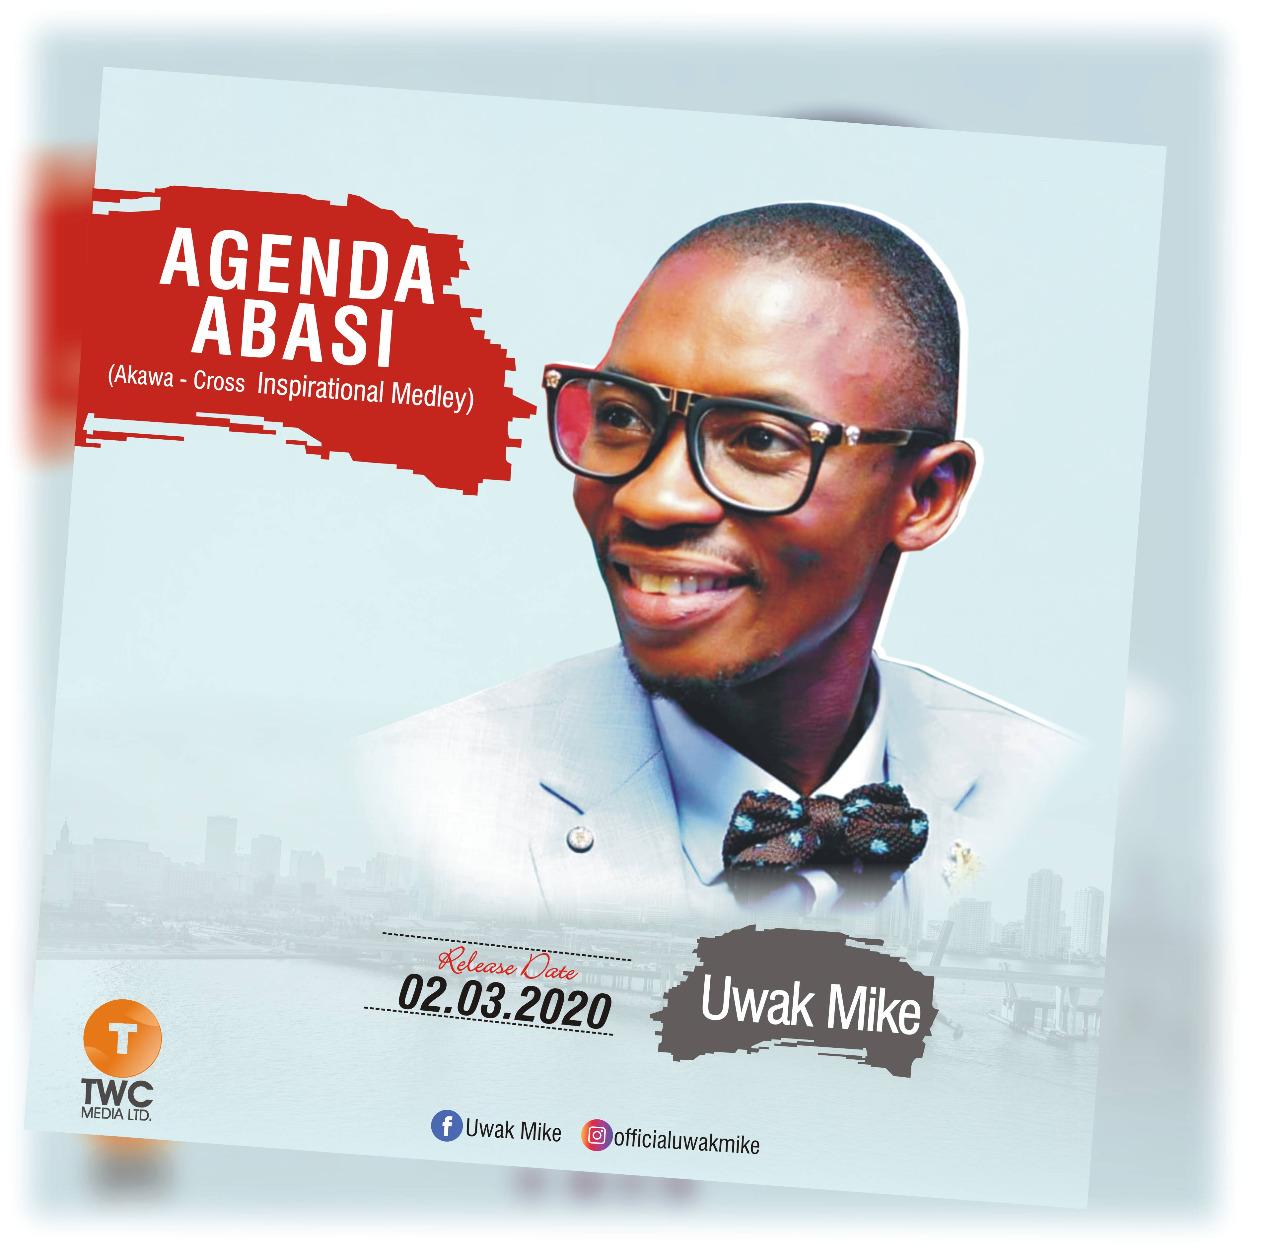 Agenda Abasi - Uwak Mike.